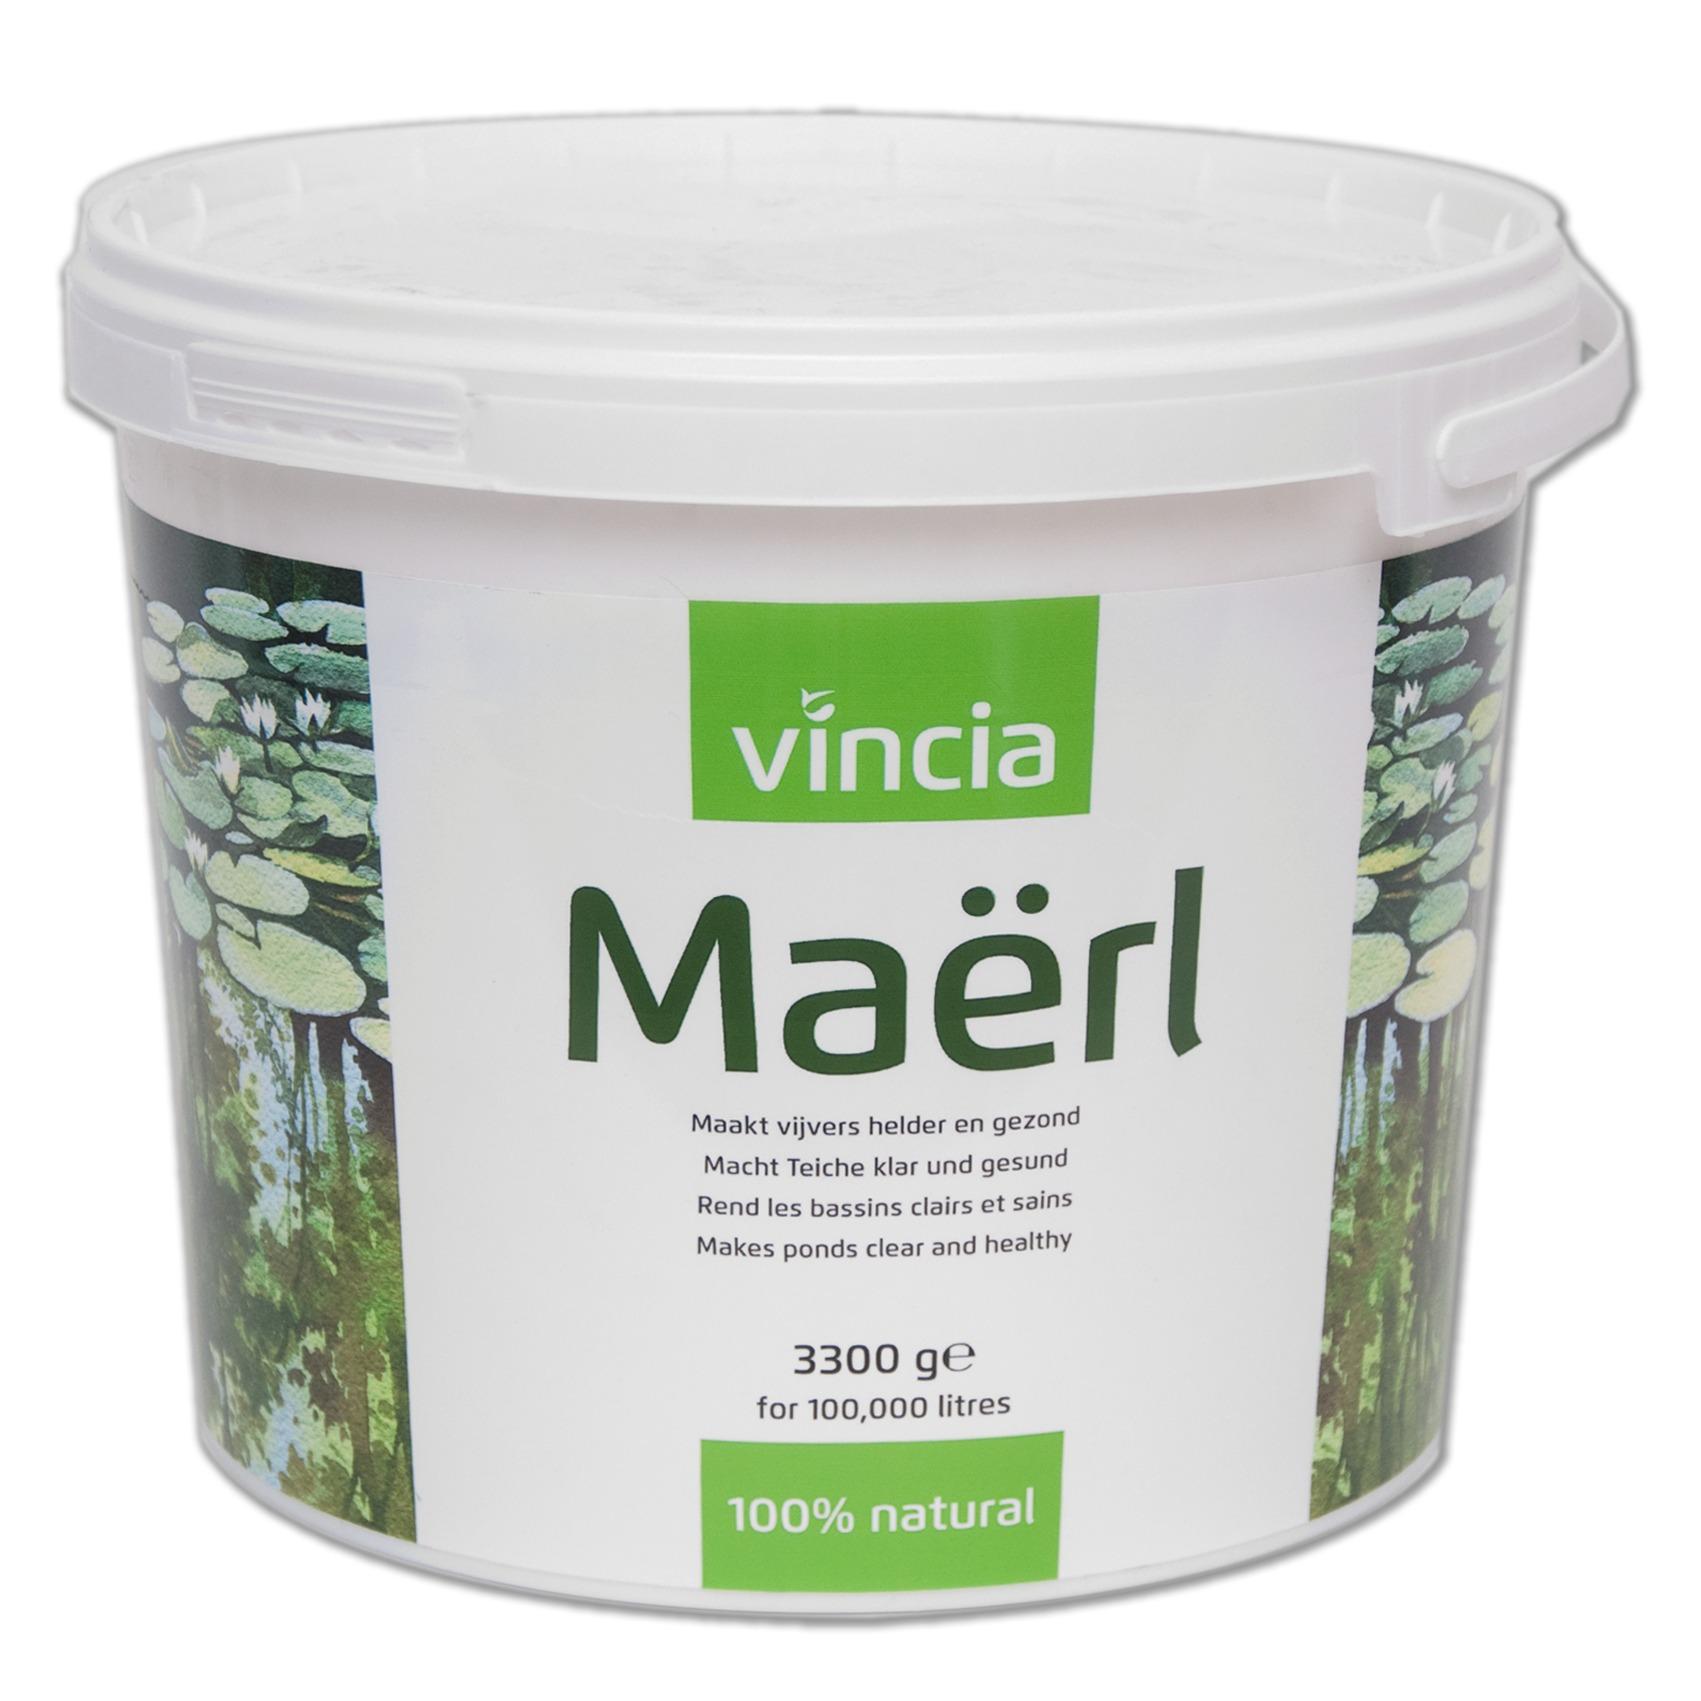 vincia-maerl-3300-gr-clarifiant-et-assainissant-100-naturel-pour-bassin-jusqu-a-100000-l